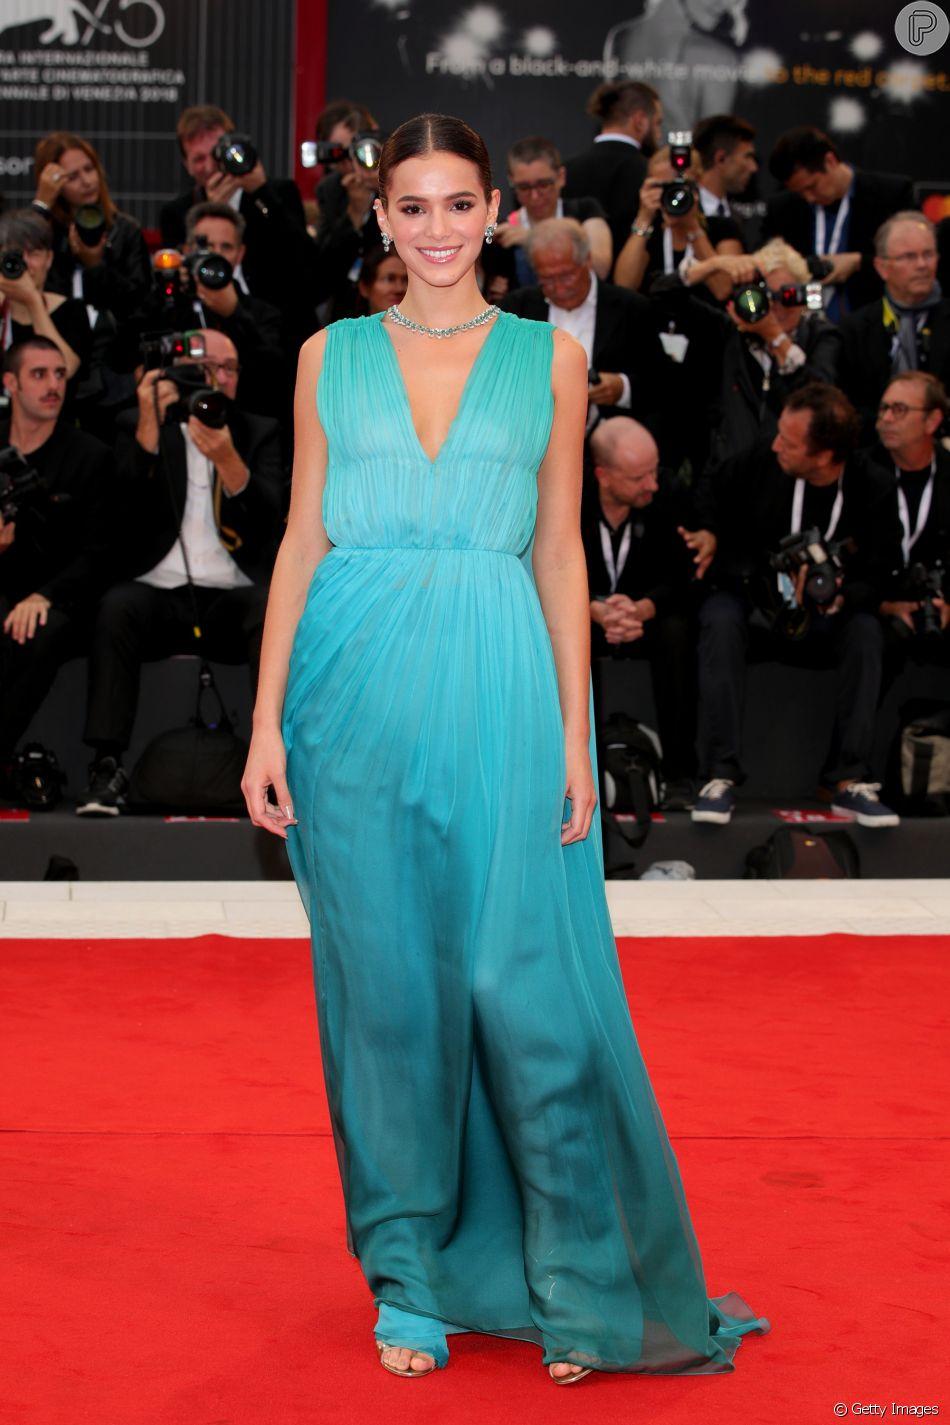 c129b51b015c9 Bruna Marquezine usou pijama vintage de seda com mangas largas e  comprimento curto nas pernas